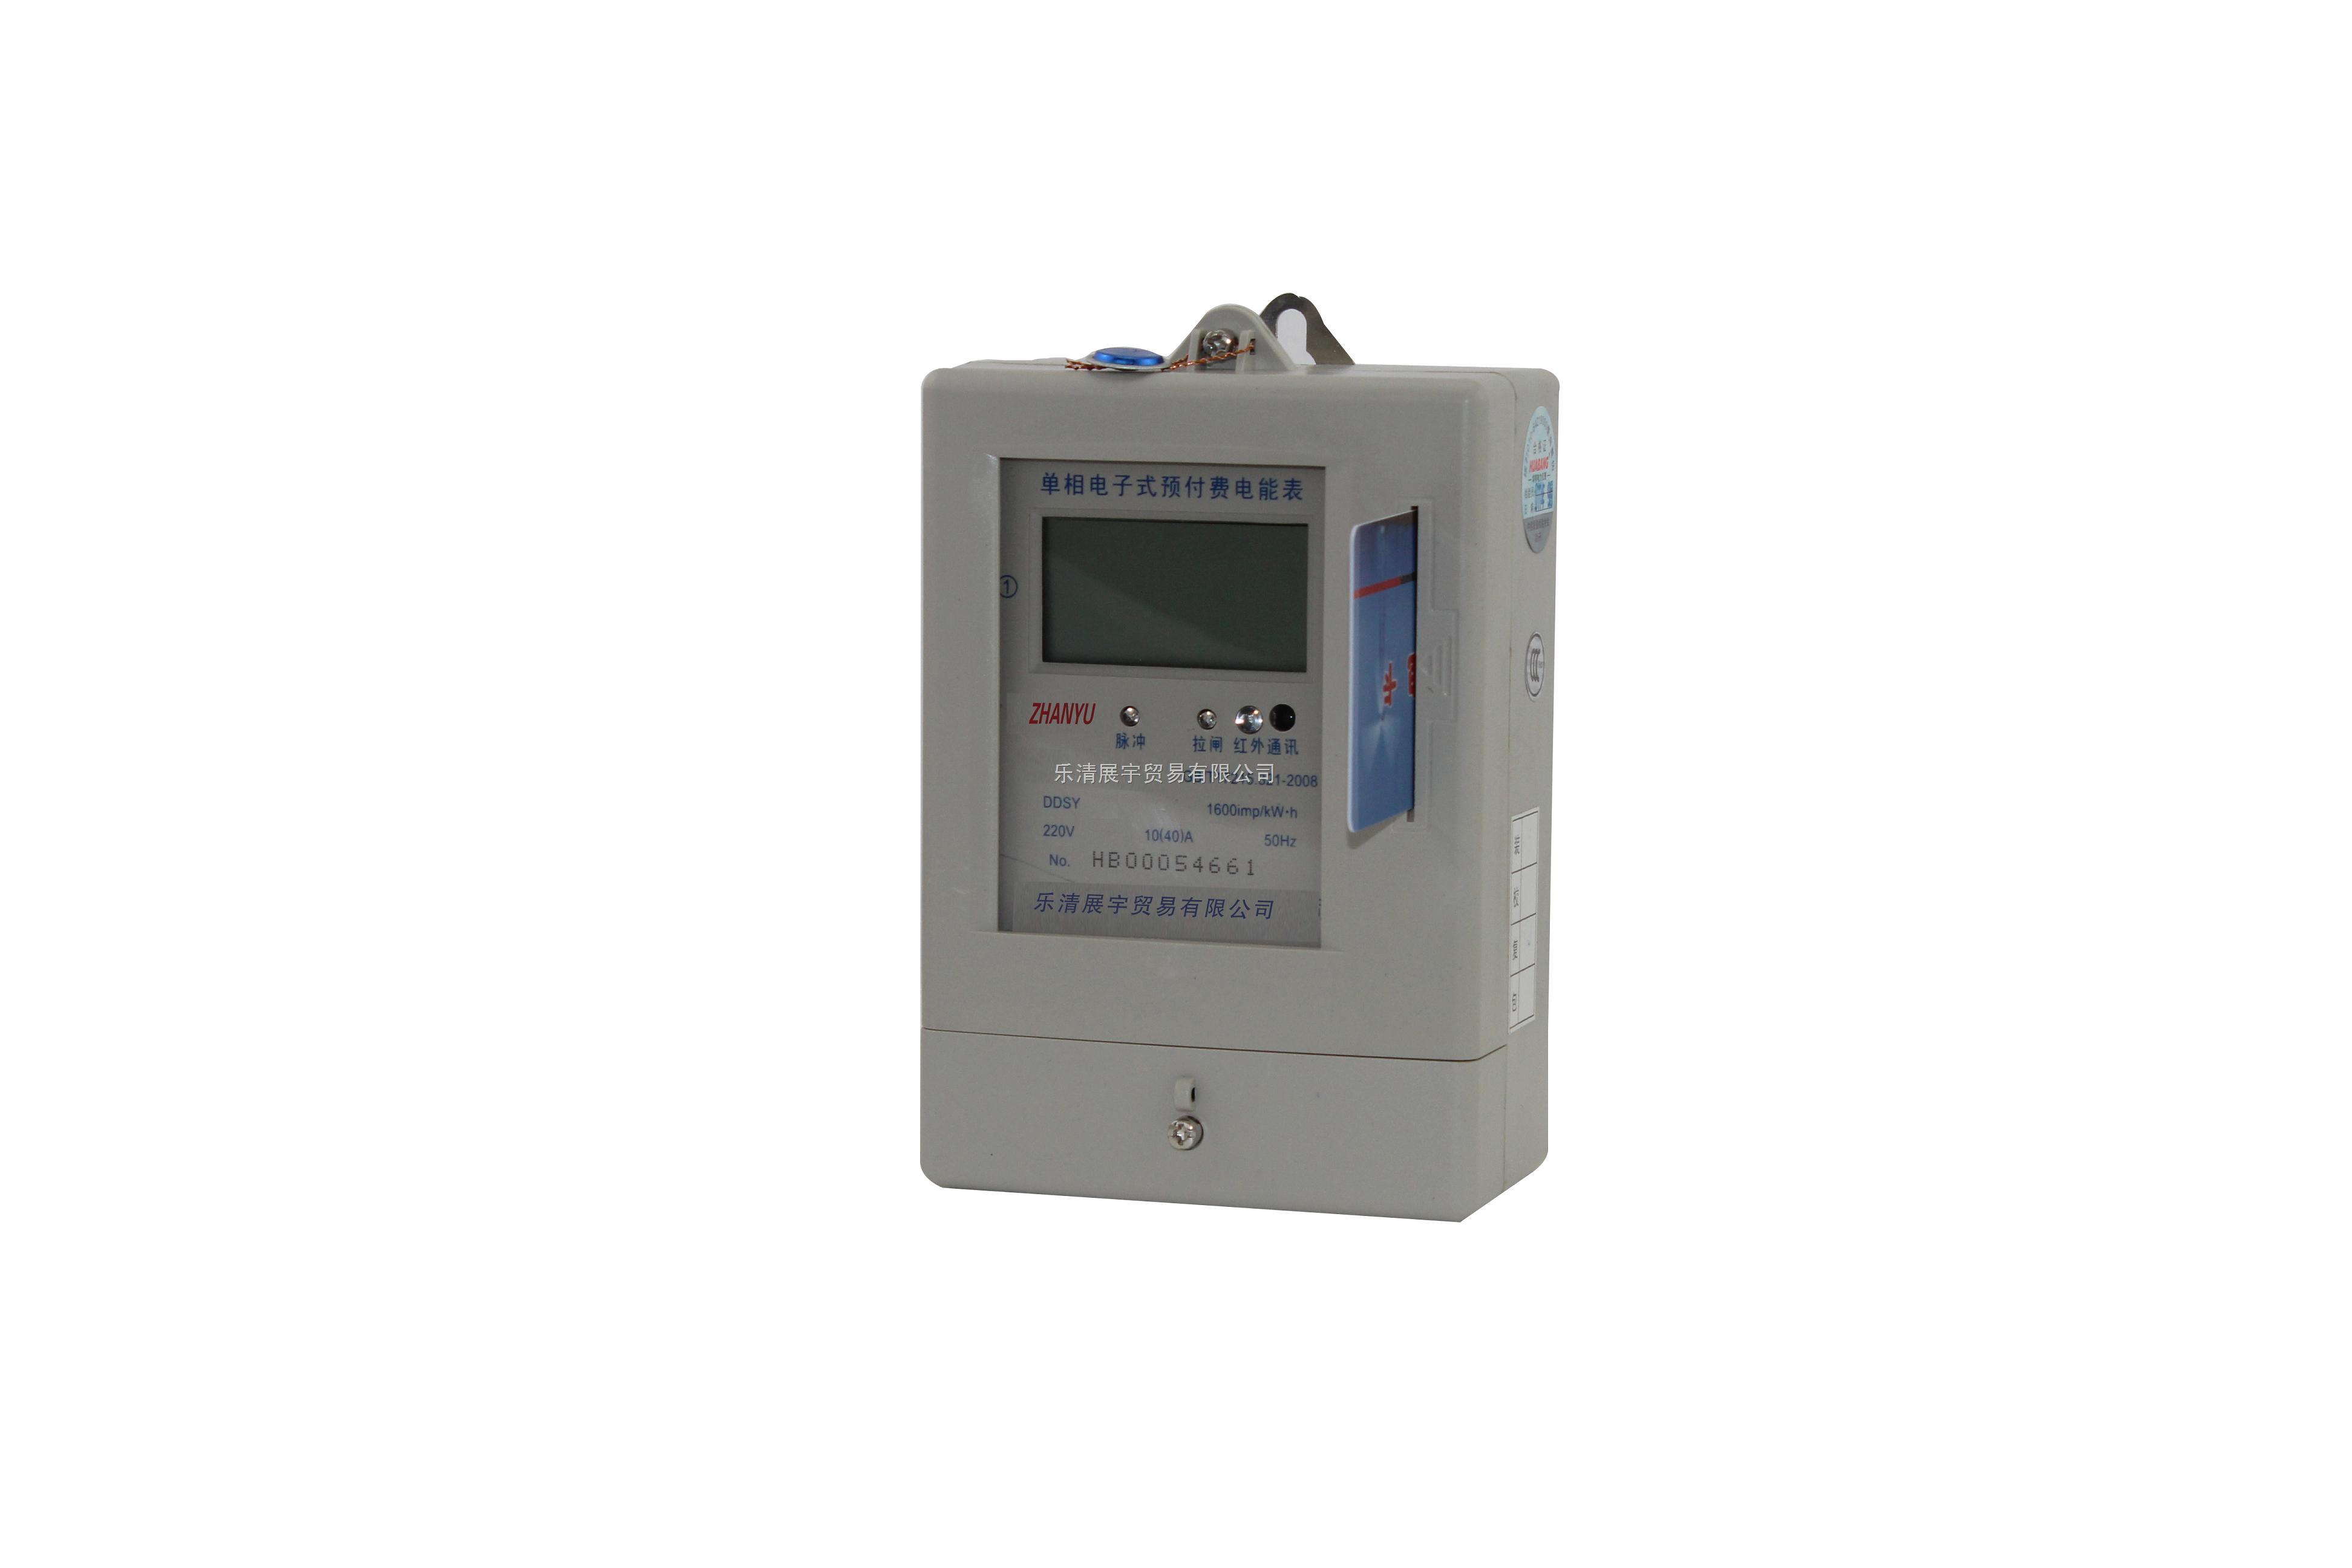 ddsy型电子式单相预付费电能表,采用最先进的专用集成电路